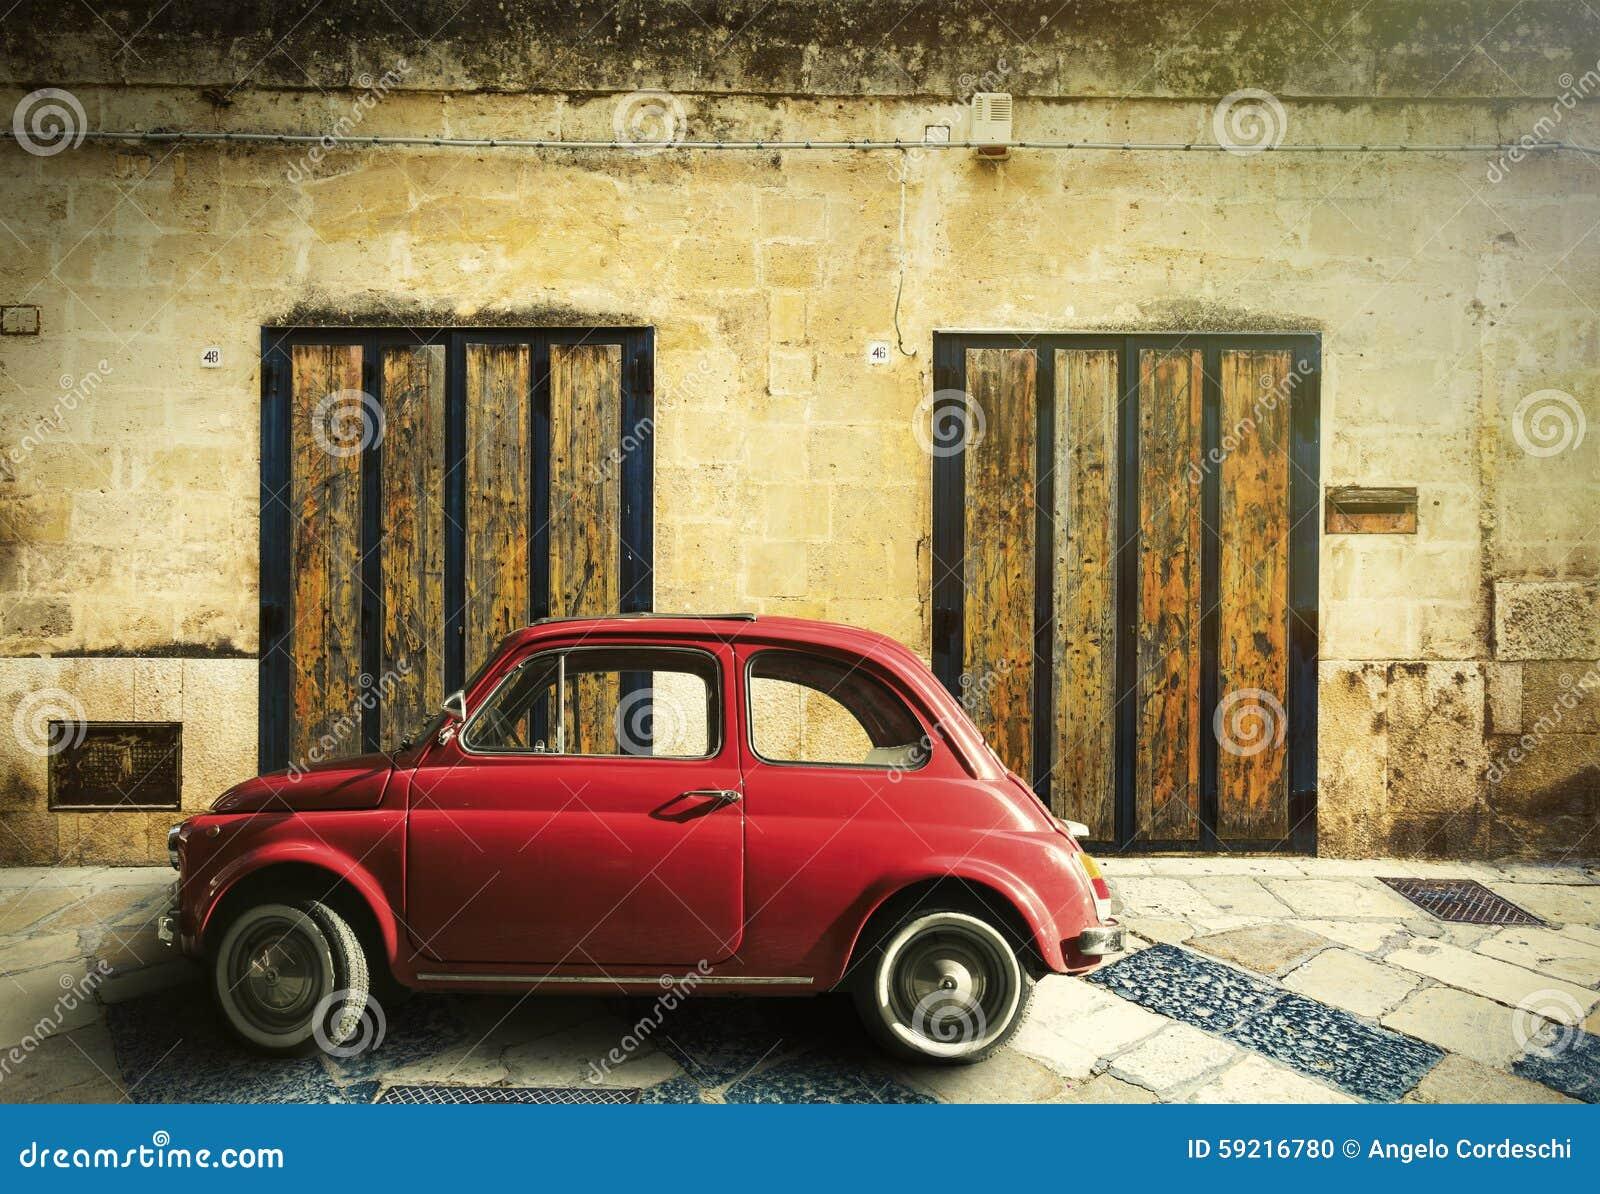 Buy Old Rental Cars